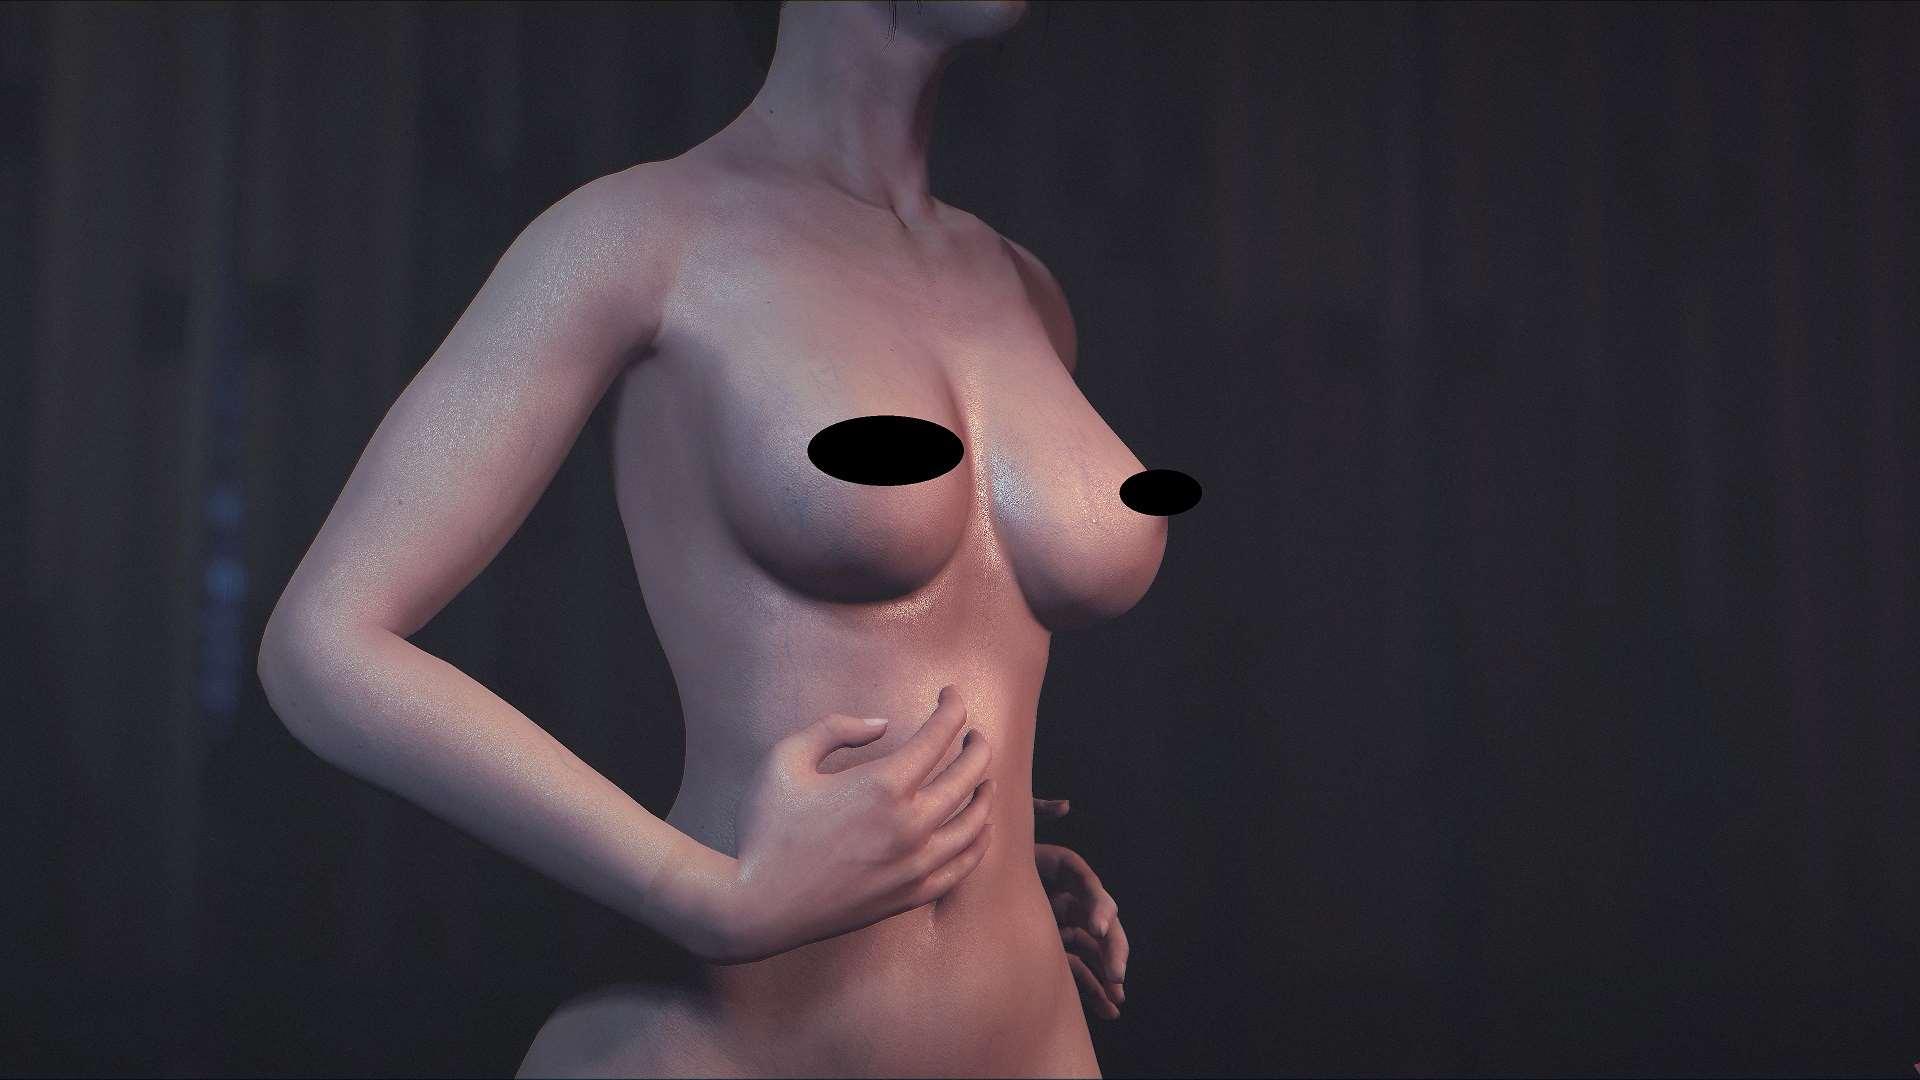 Fallout 4 — 8к текстуры тел для девушек (CBBE) | Fallout 4 моды